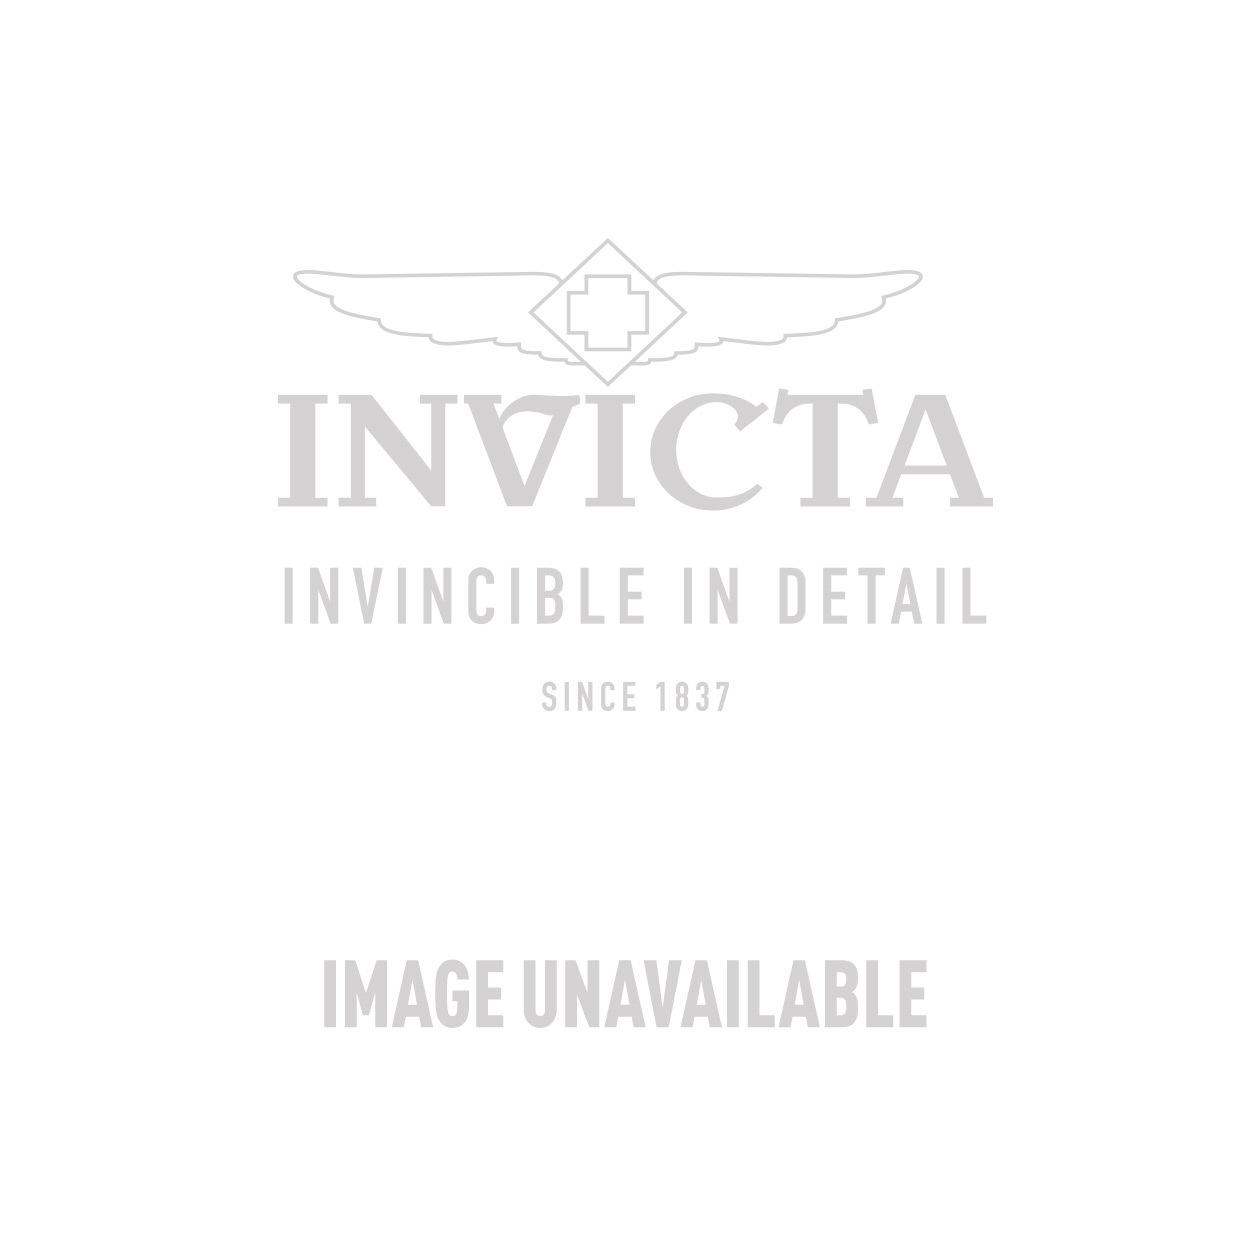 Invicta Model 28510